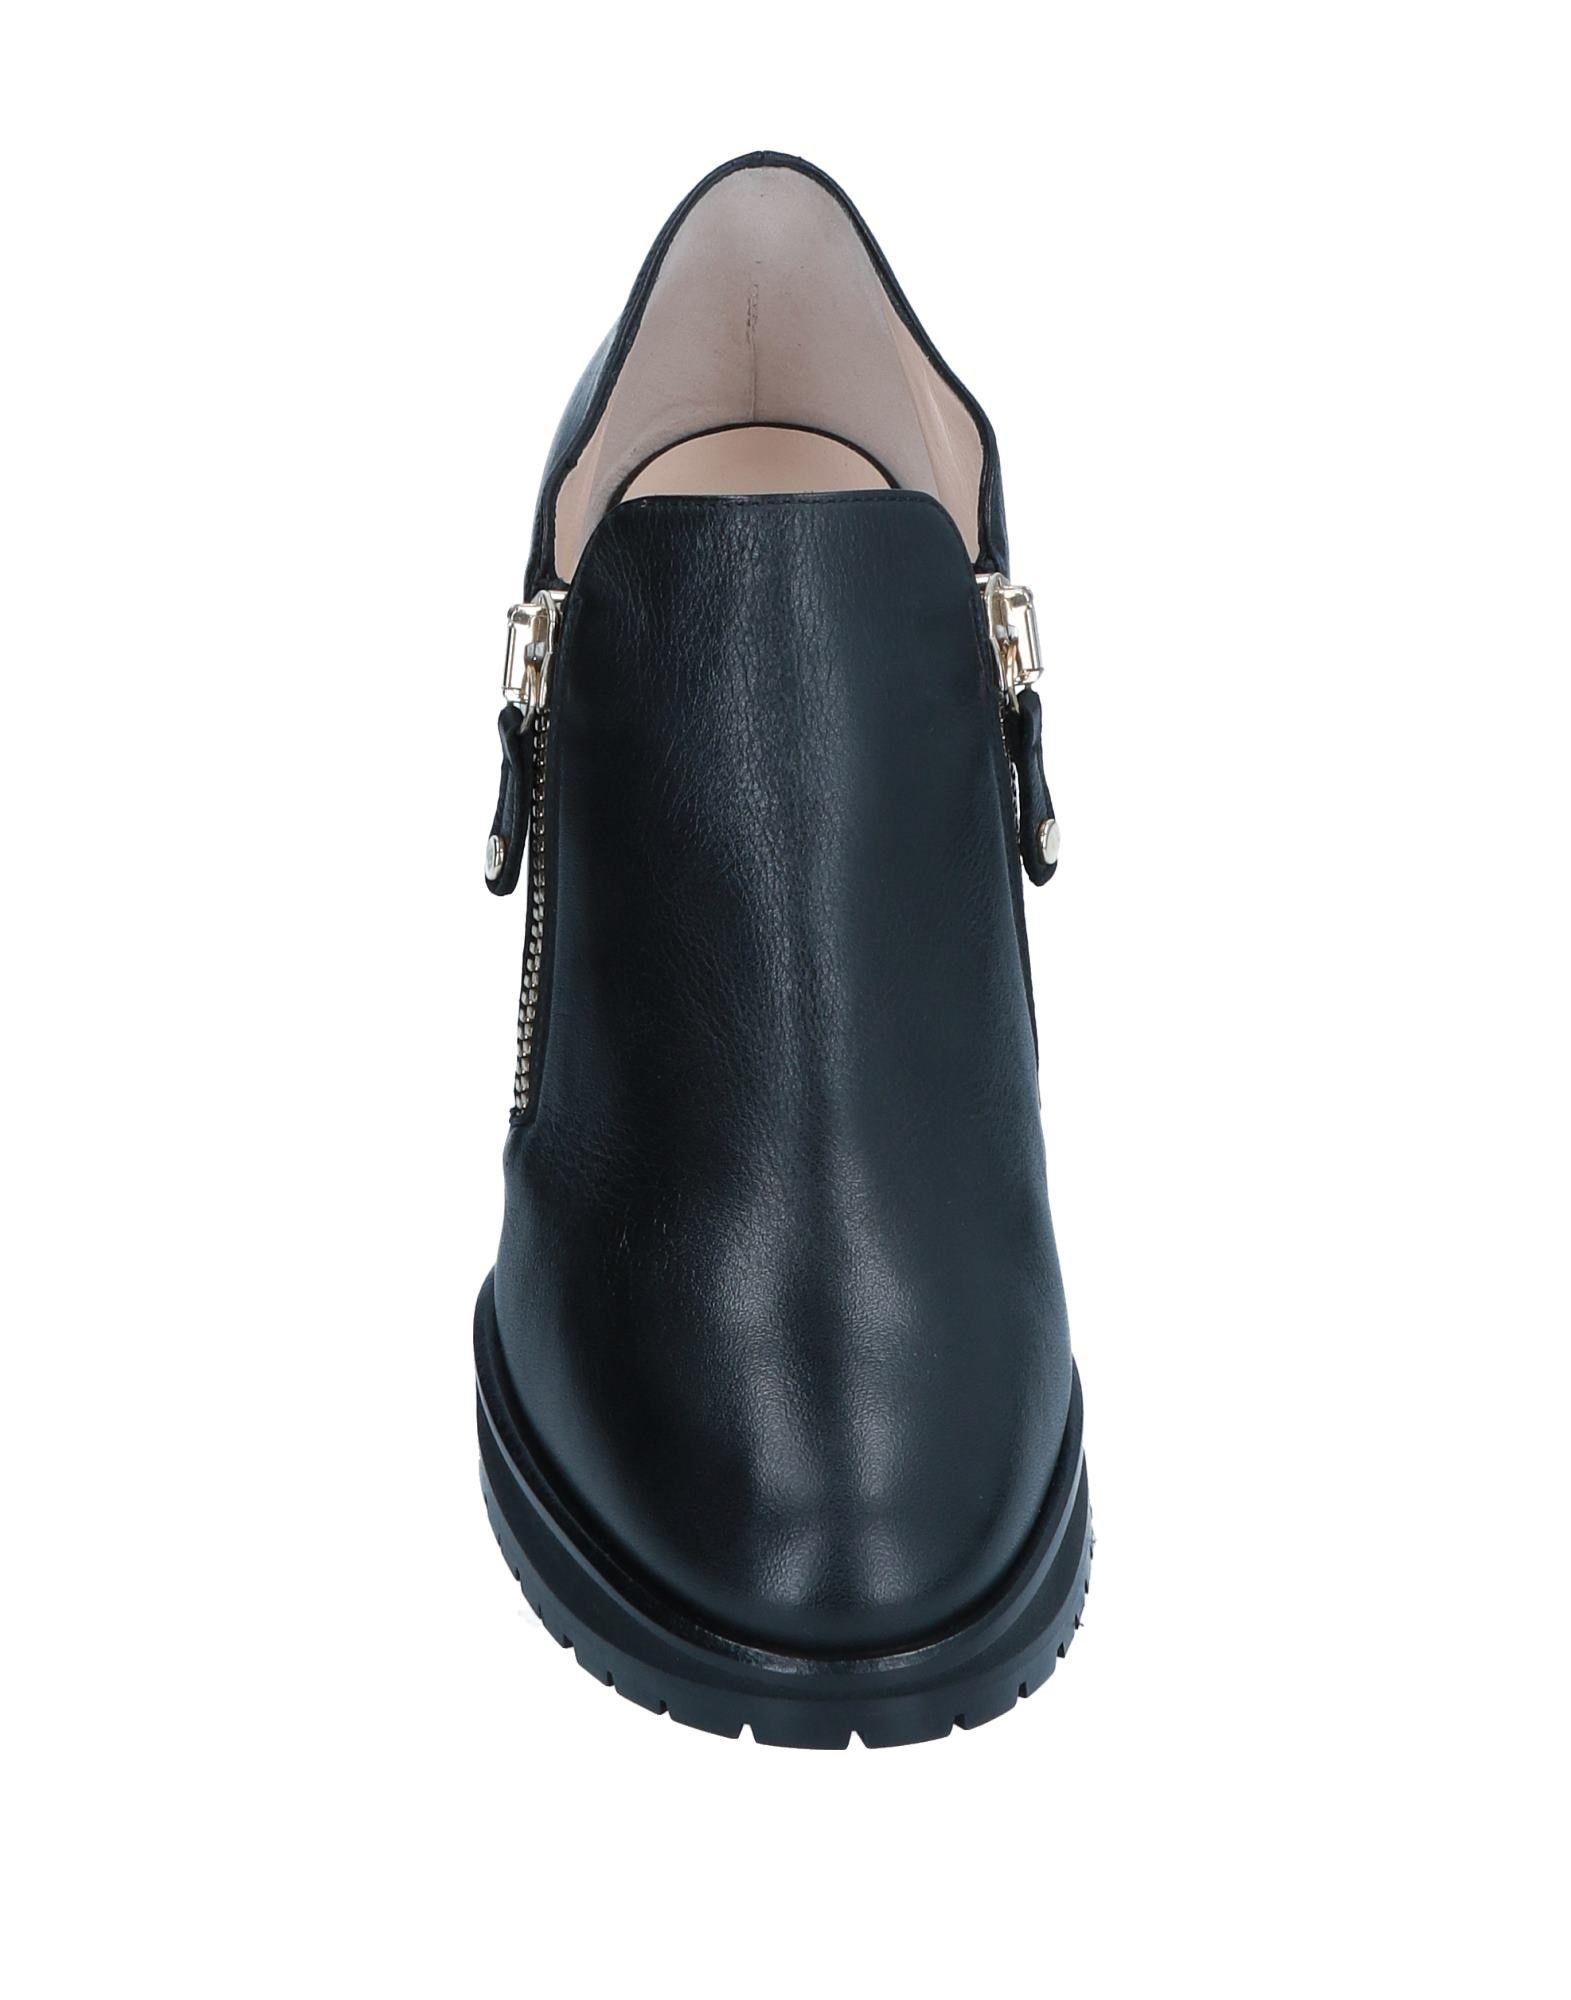 Lella Baldi Stiefelette Damen  11527438KRGut aussehende strapazierfähige Schuhe